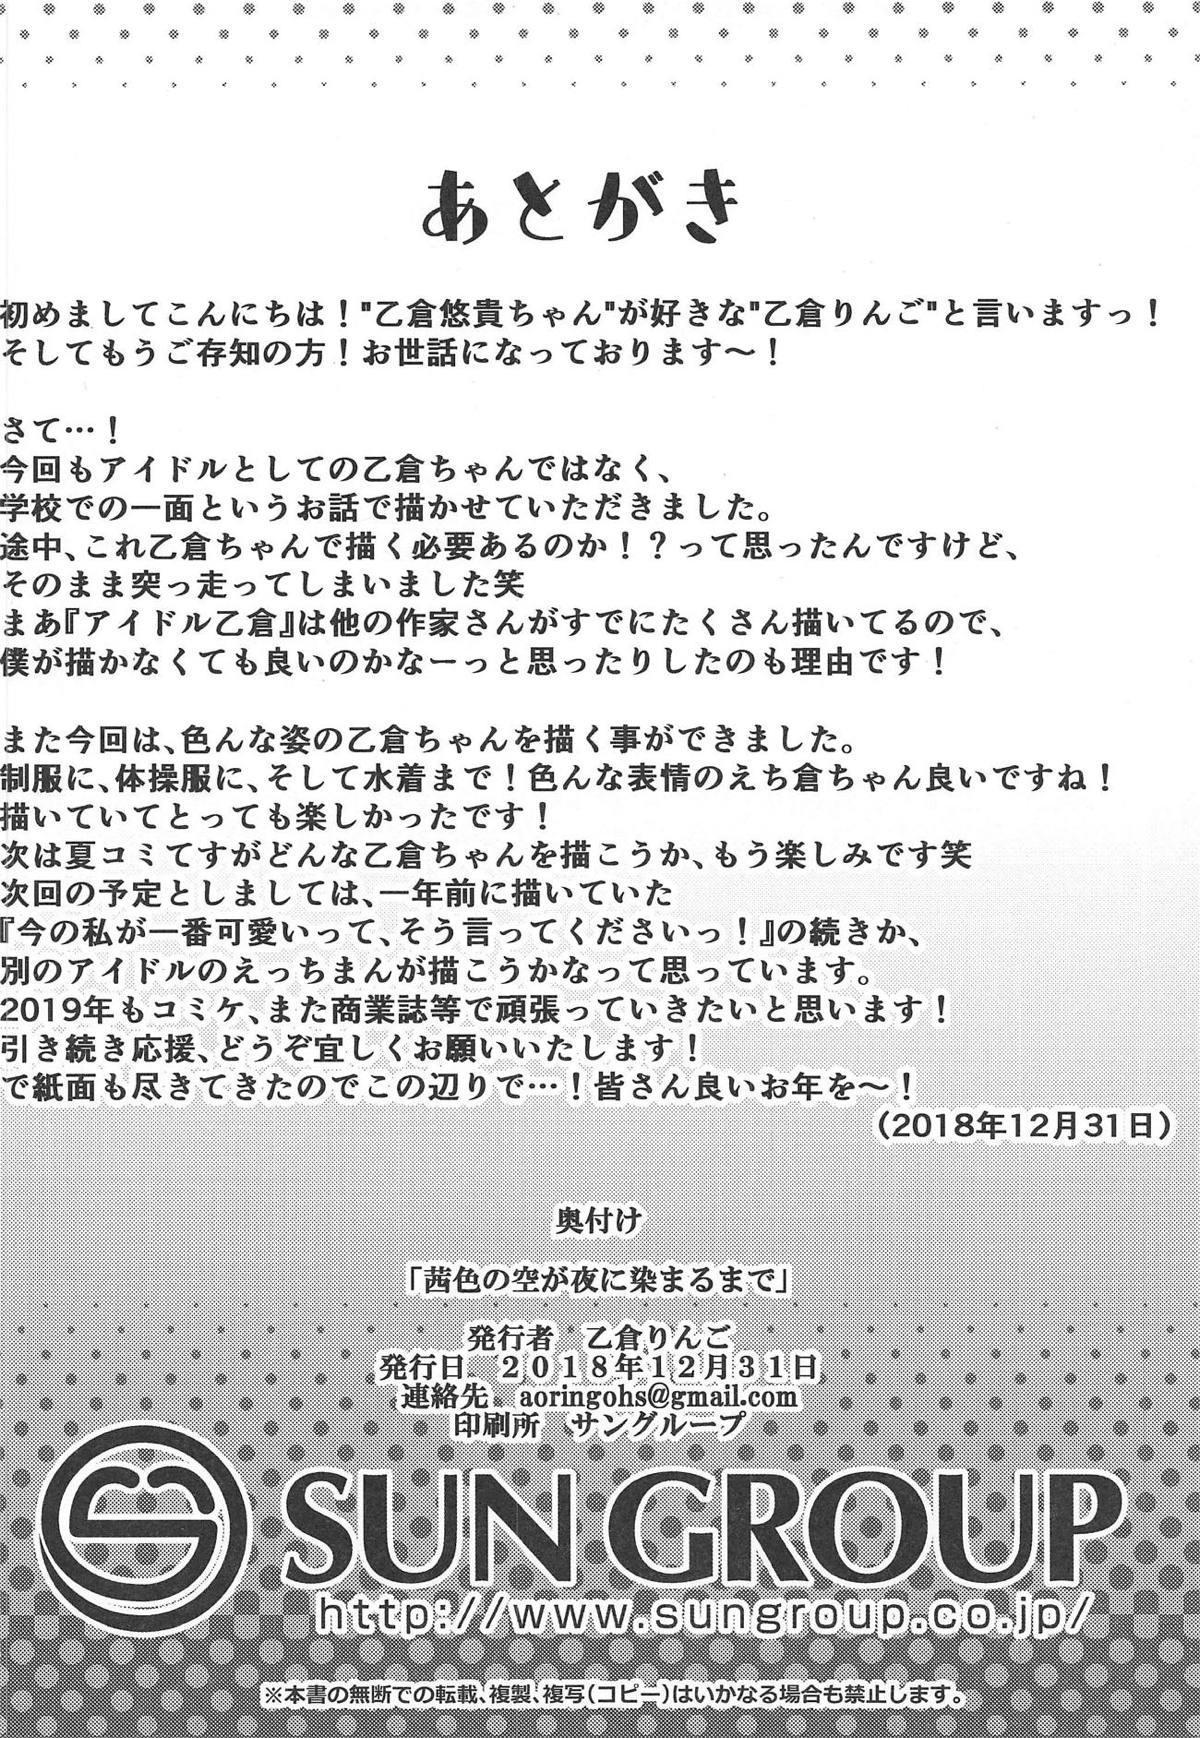 Akaneiro no Sora ga Yoru ni Somaru made 22